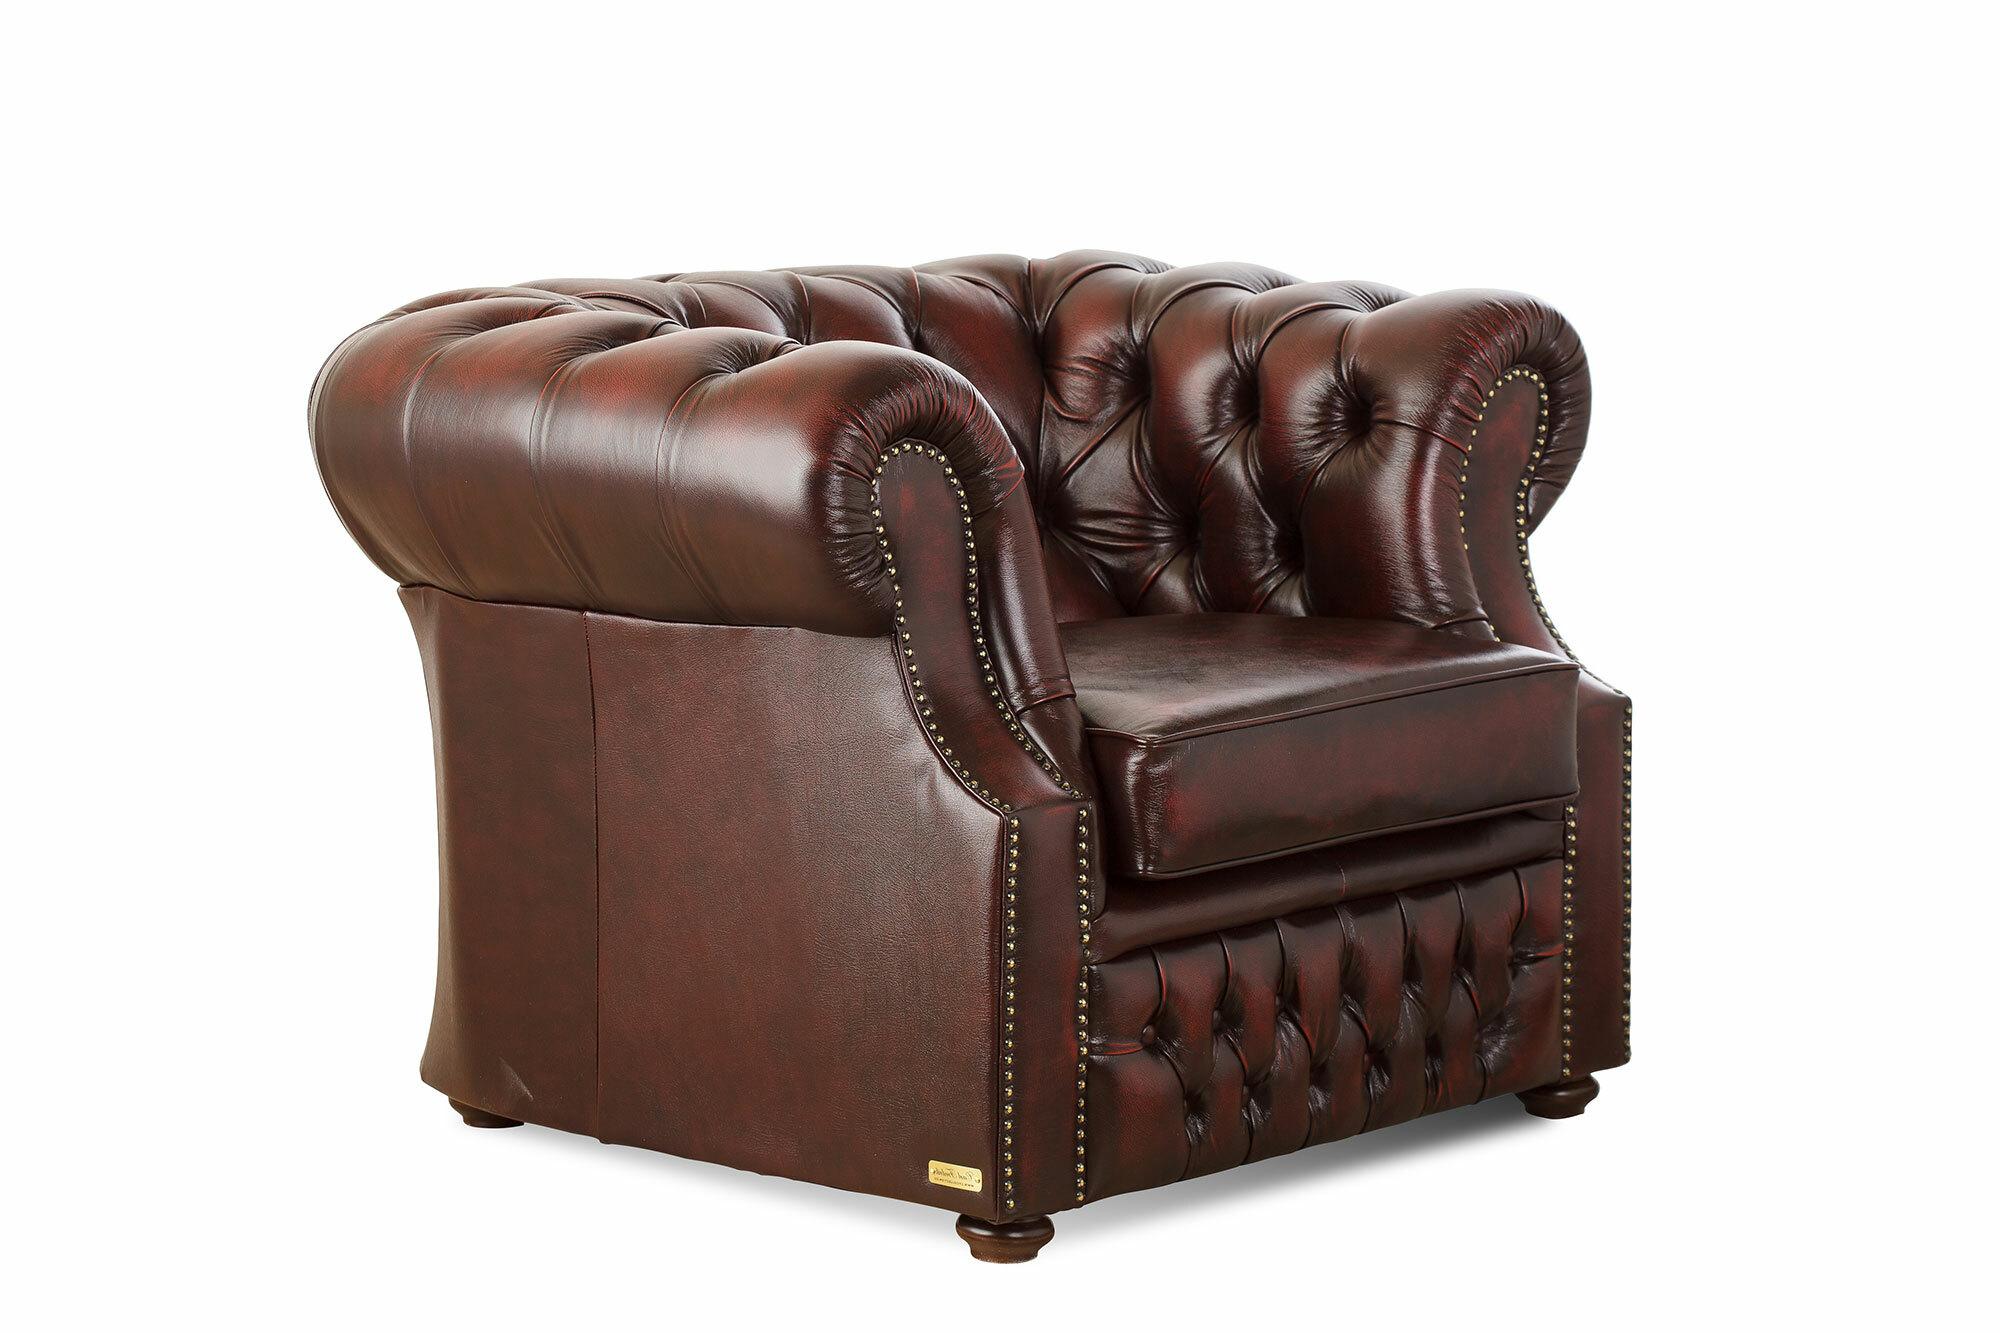 Chesterfield 1 istuttava tuoli